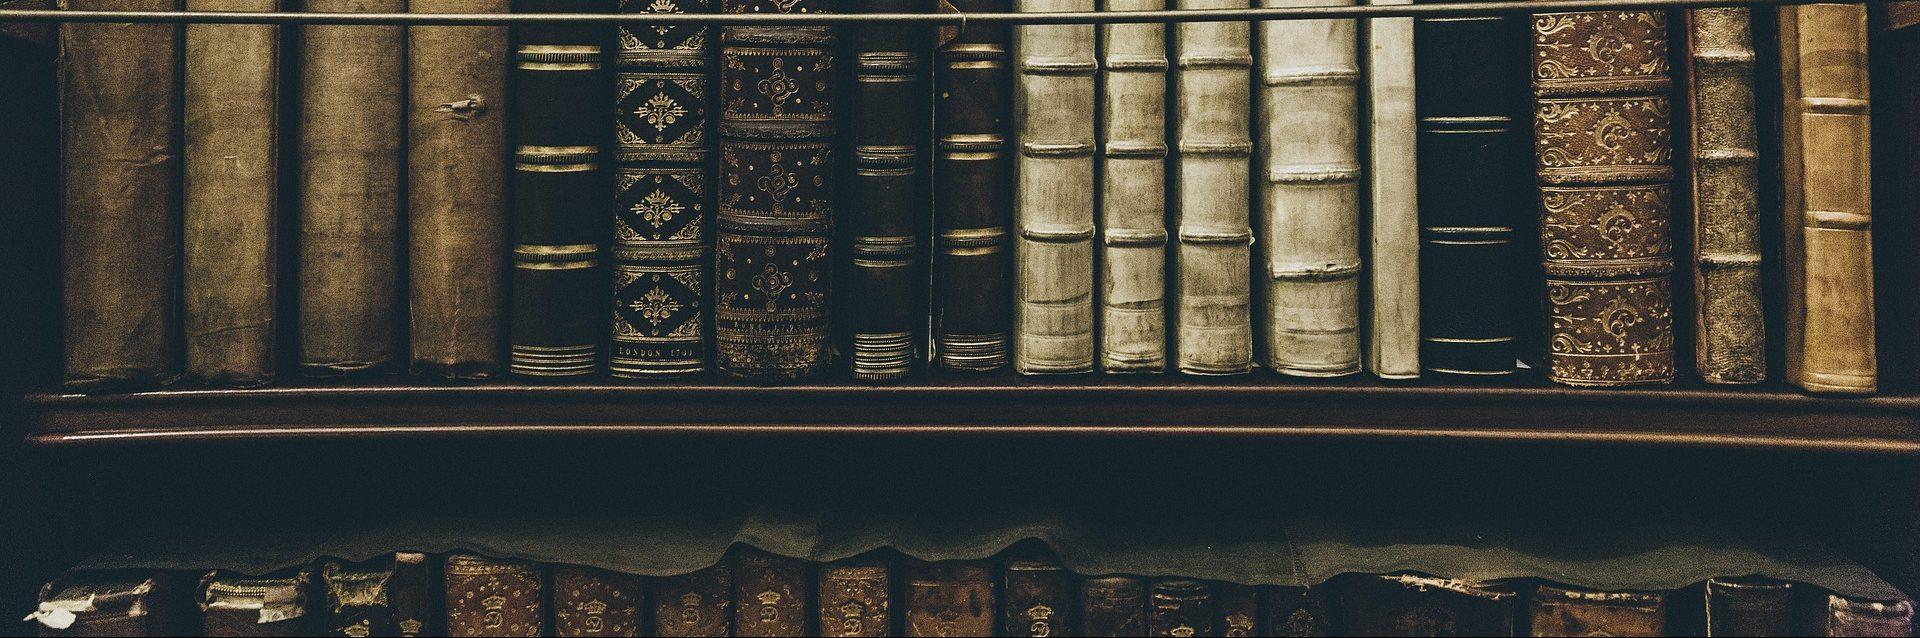 La muerte de las bibliotecas es un relato escrito por Miguel Rodríguez Echeandía sobre la importancia de las bibliotecas, hoy más que nunca.